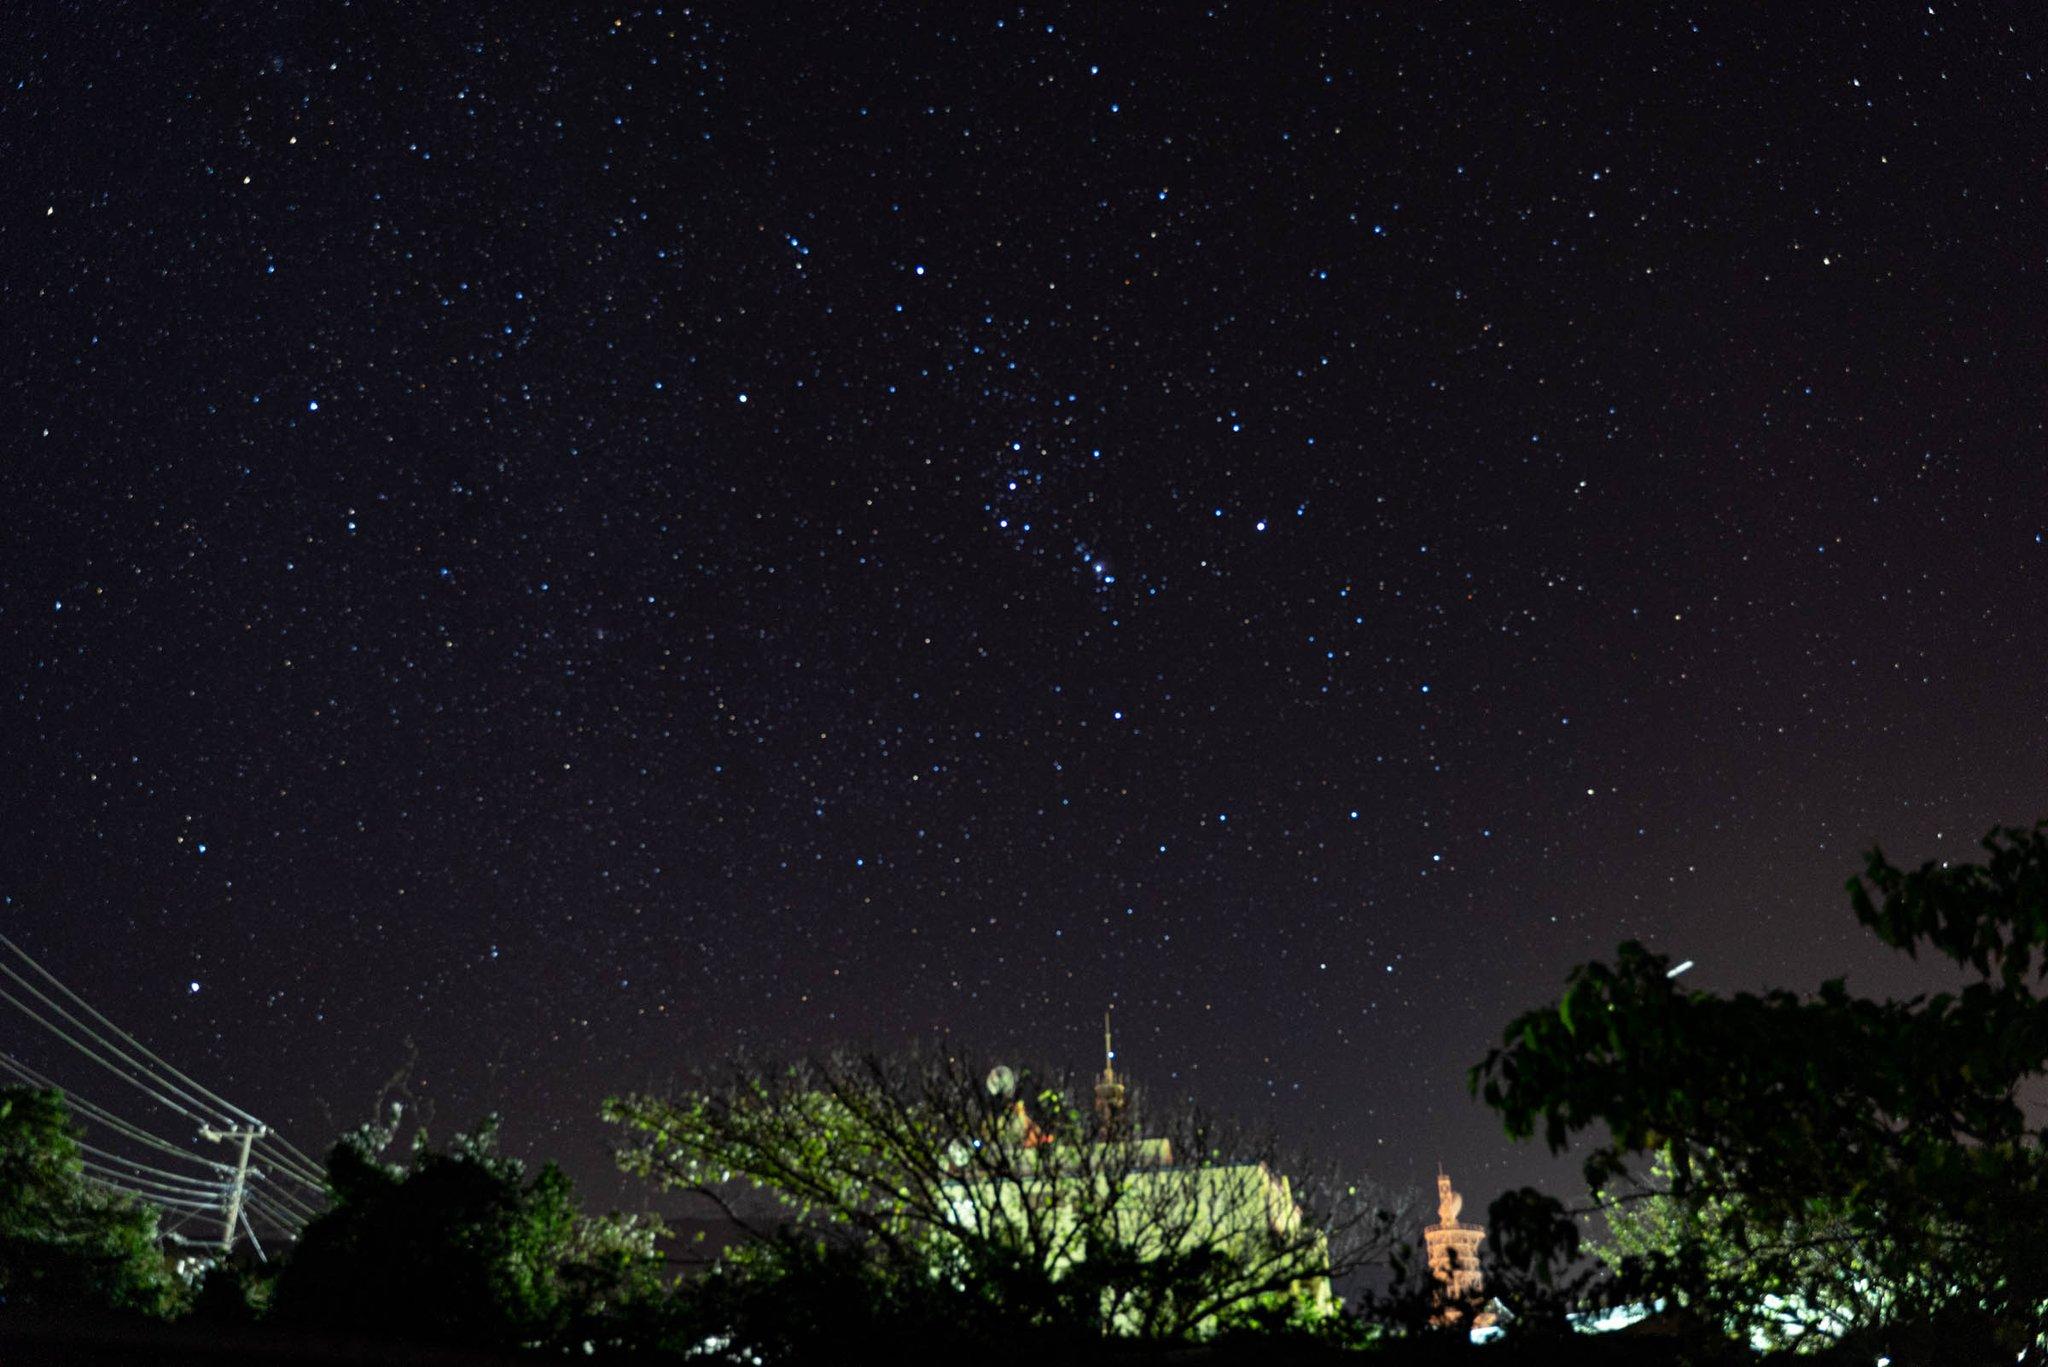 江戸時代以来じゃないかってレベルで空気が澄んだ東京 星が綺麗 #台風一過 #オリオン座